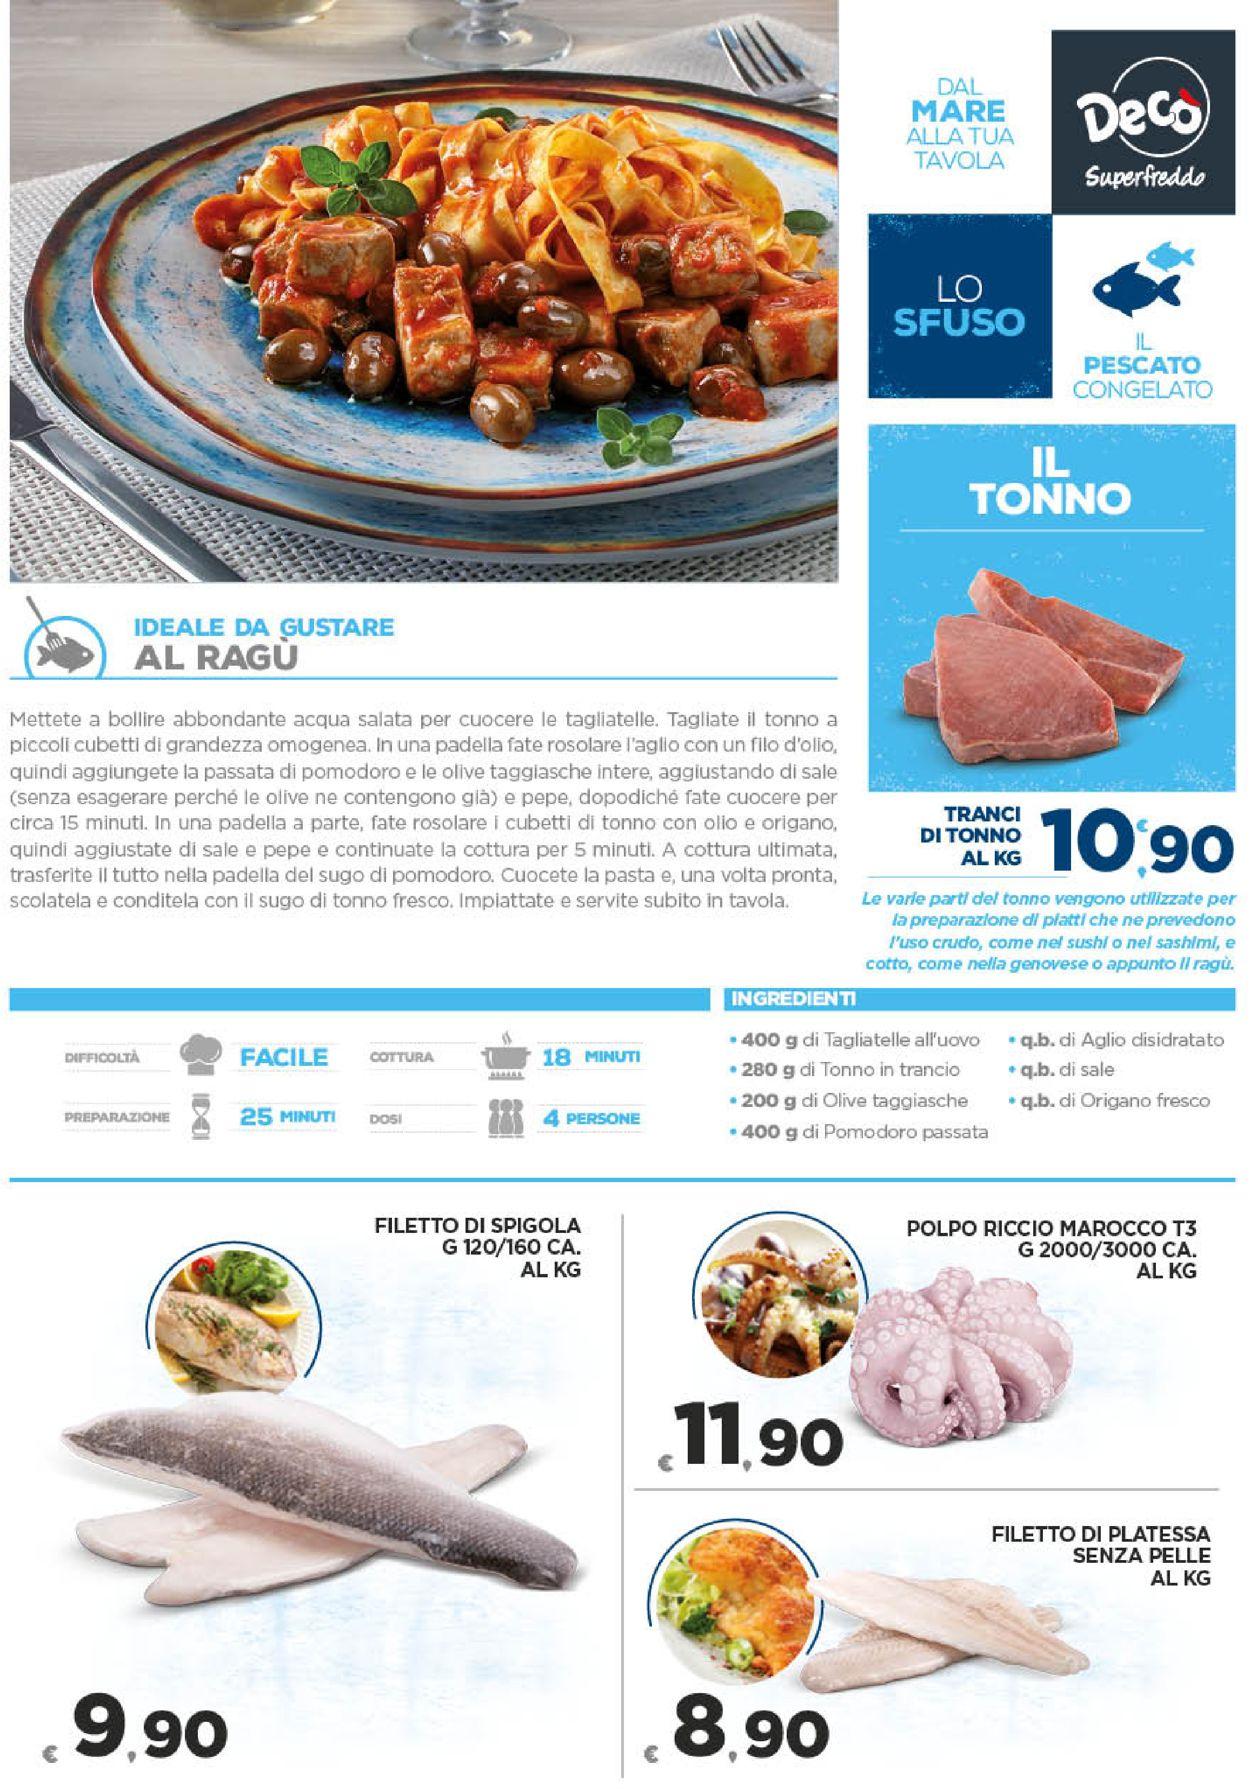 Volantino Deco - Offerte 28/05-07/06/2021 (Pagina 3)